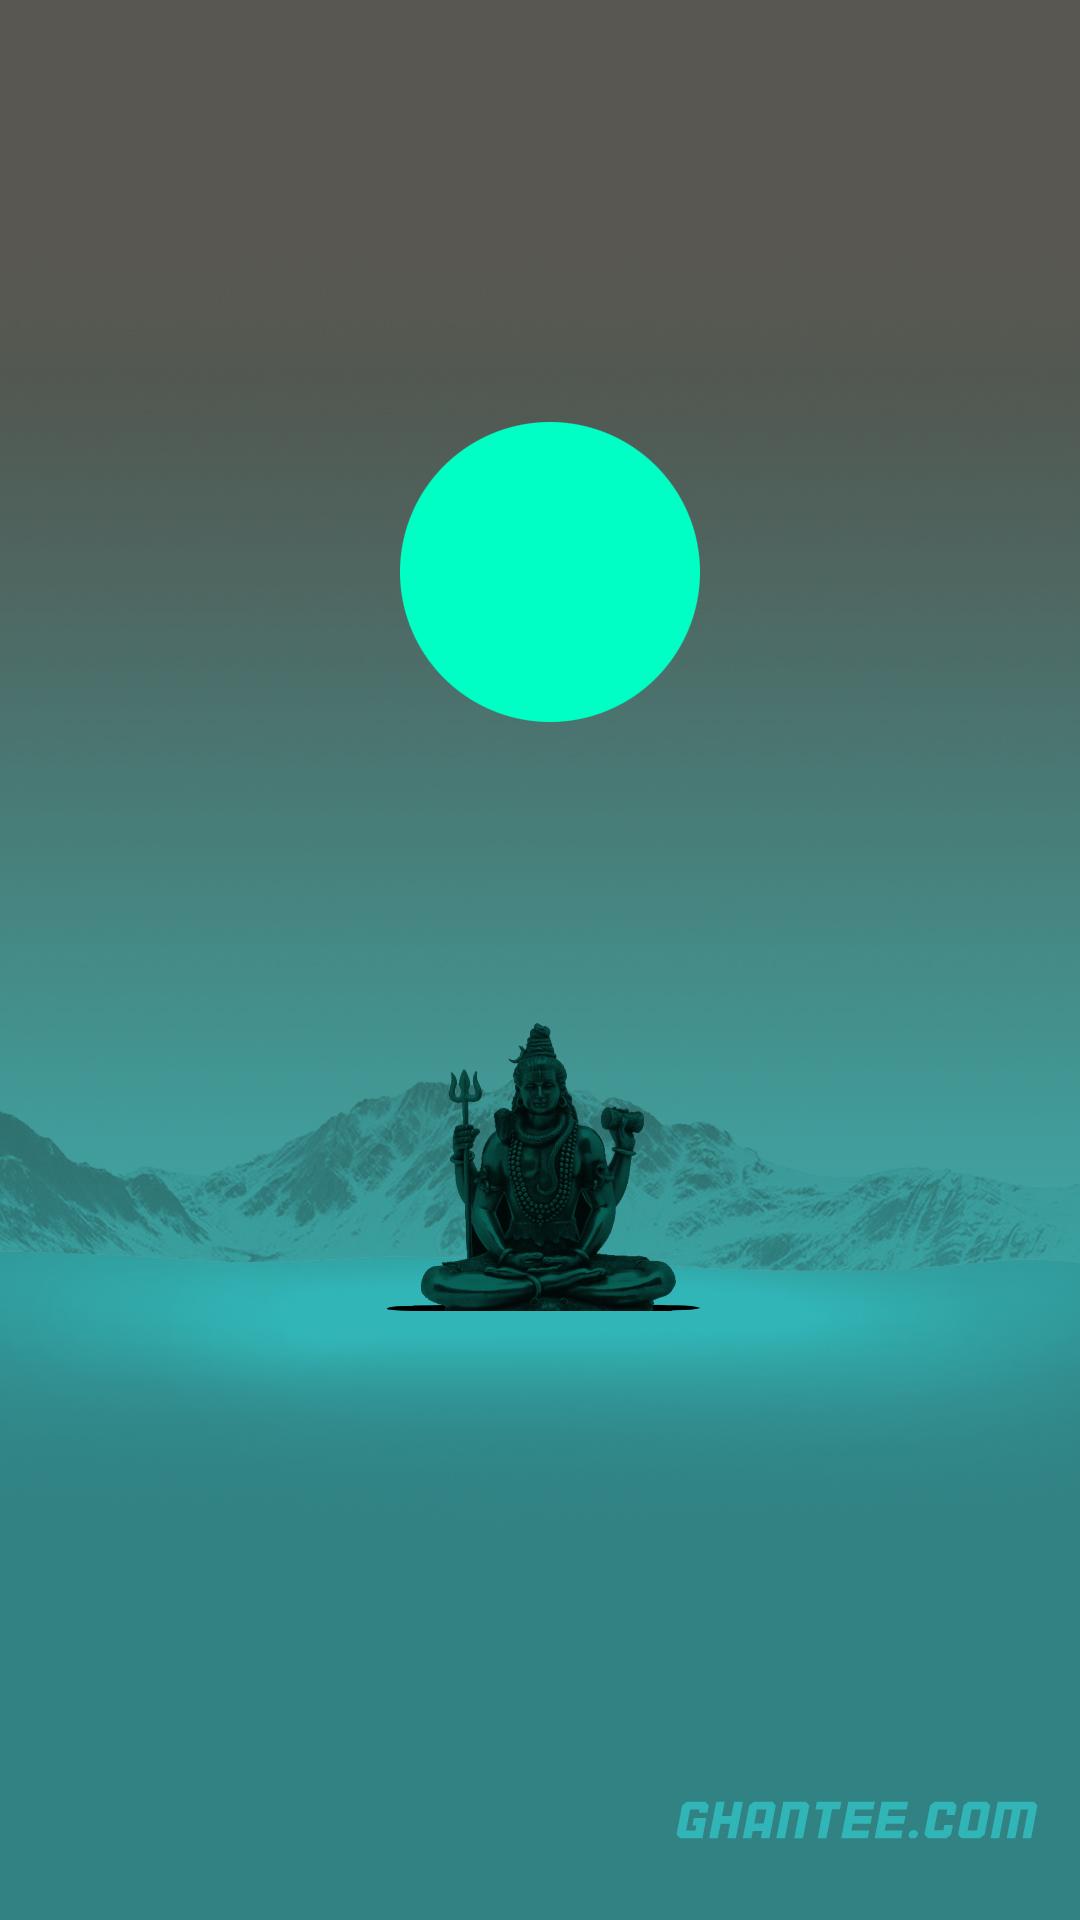 lord shiva minimalist green moon phone wallpaper | full HD